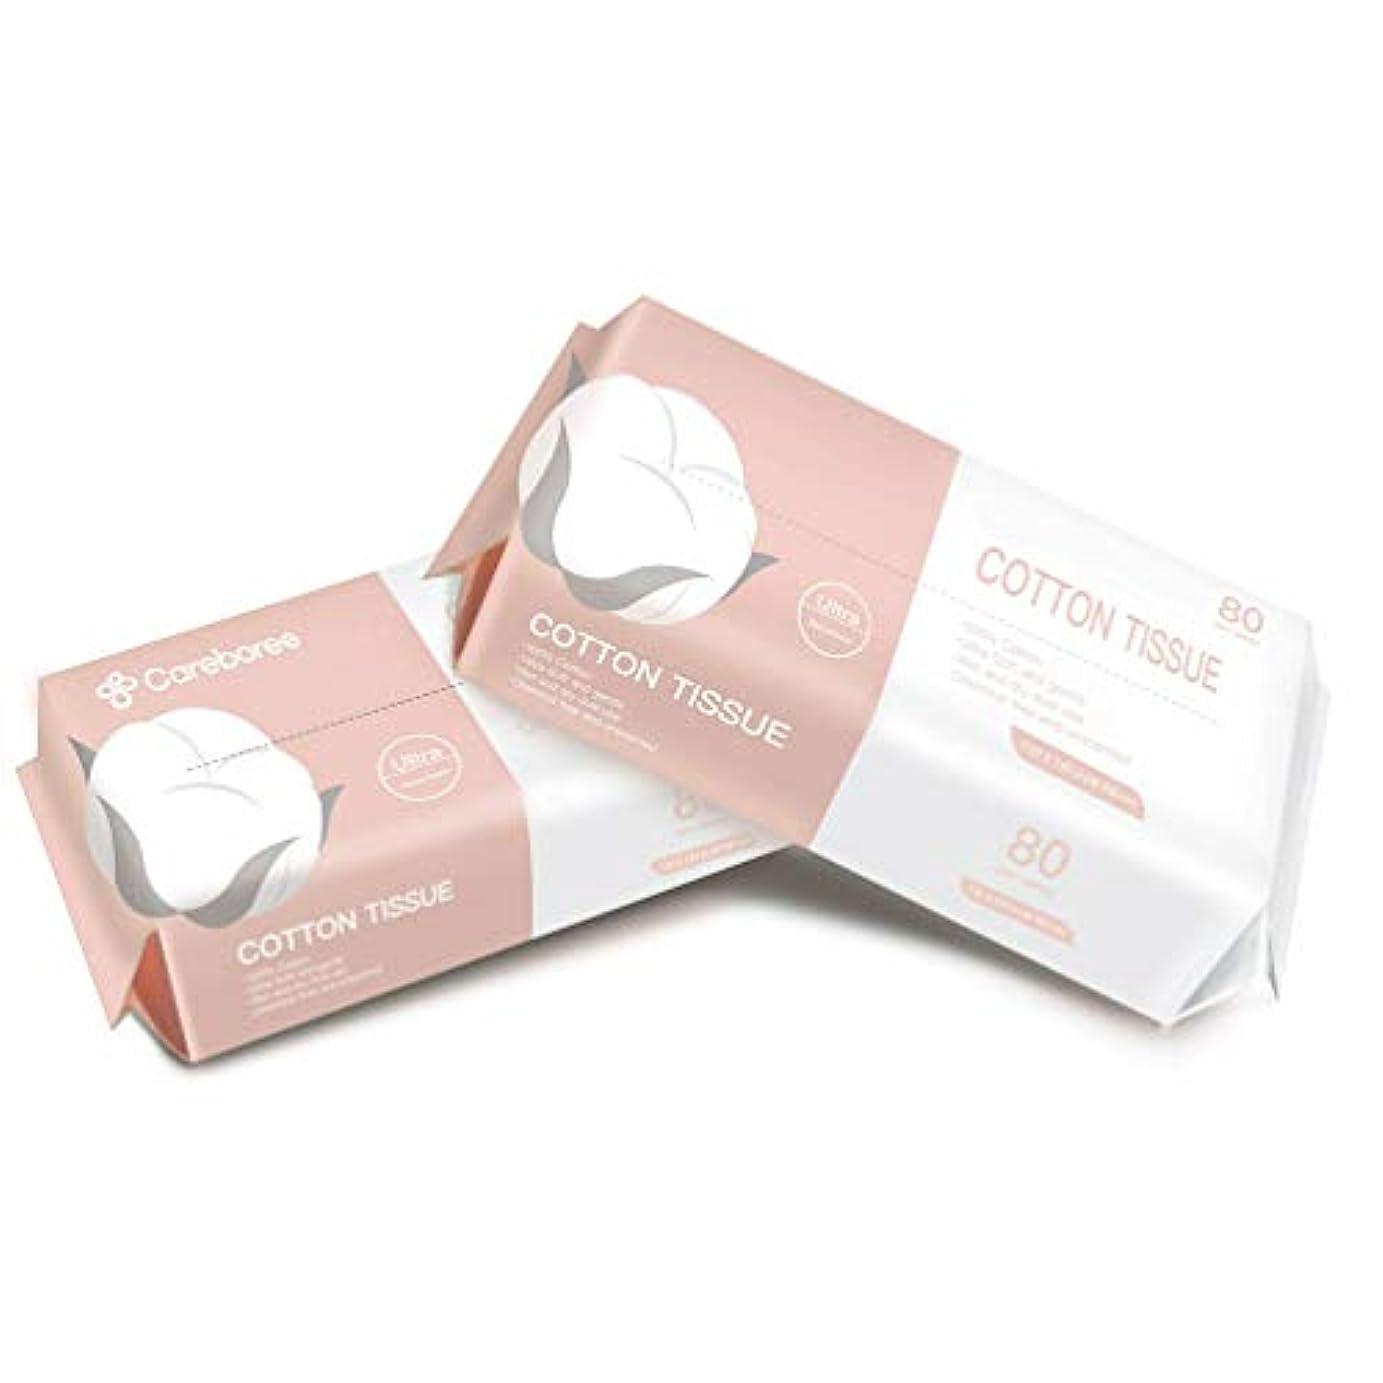 光の位置づける要旨Careboree フェイス ティッシュ洗顔 タオル 使い捨てタオル顔用 乾湿両用 コットン100% 厚い 美容メイク落とベビー用 介護用2個